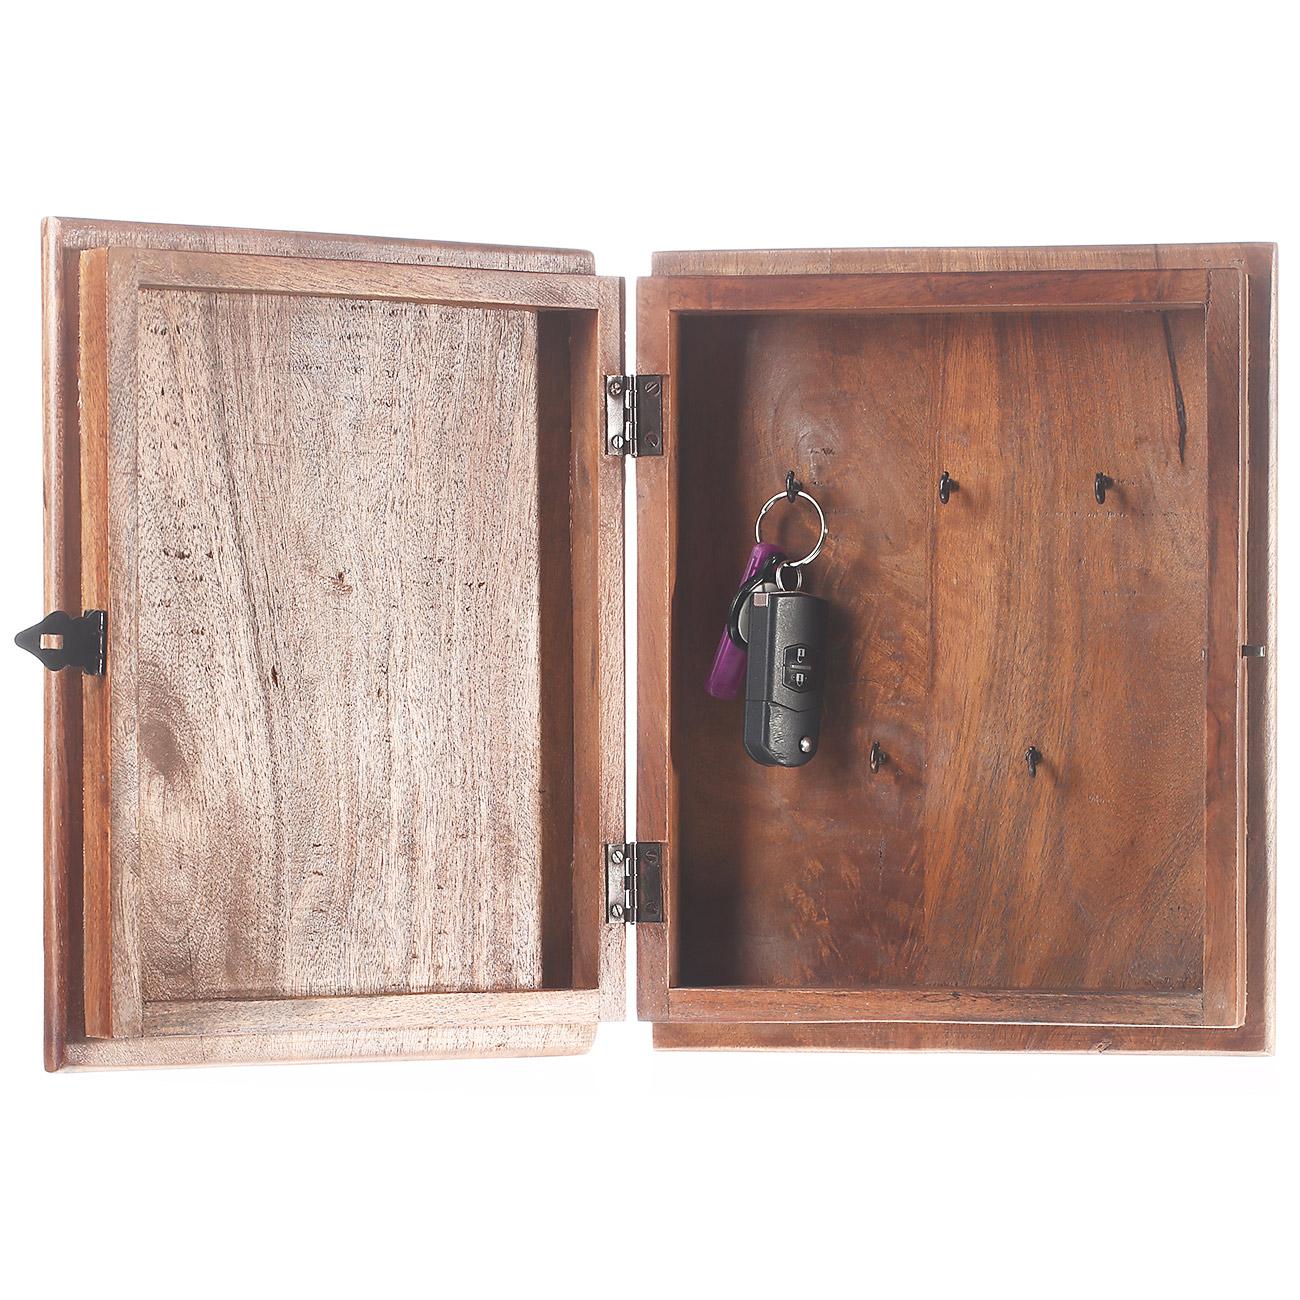 mittelalterlicher schl sselkasten aus holz g nstig kaufen kotte zeller. Black Bedroom Furniture Sets. Home Design Ideas